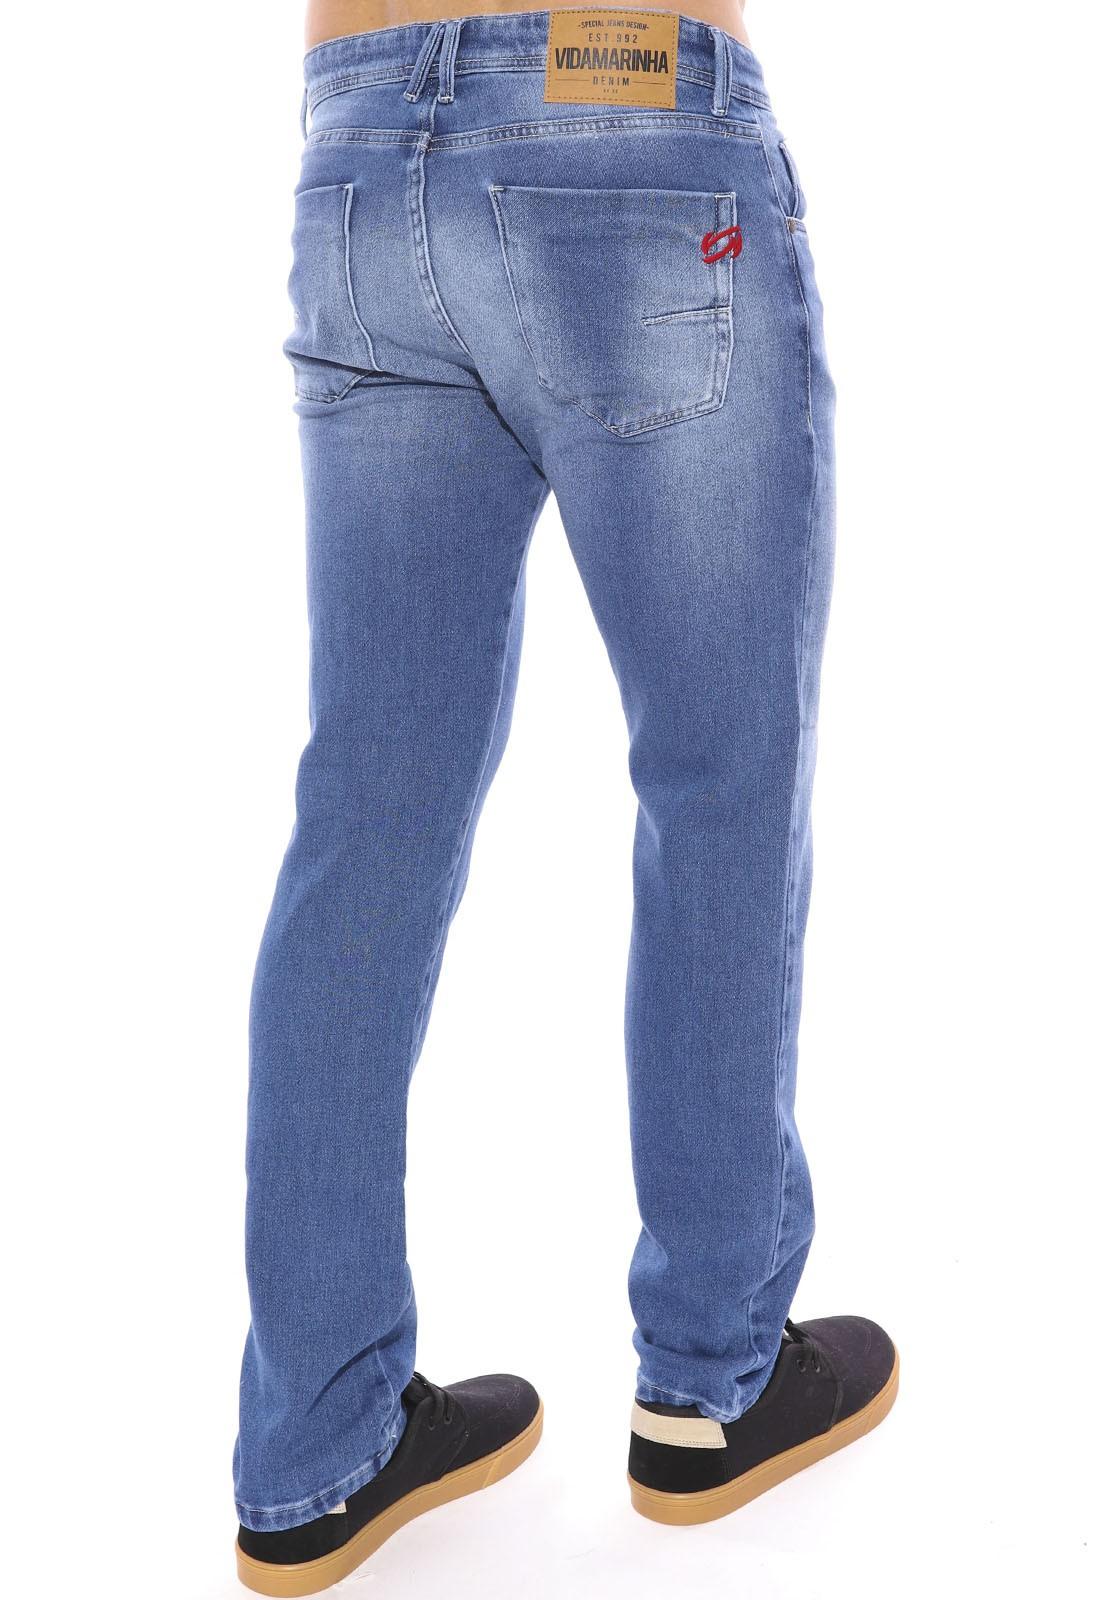 Calça Jeans Vida Marinha Slim Moletom